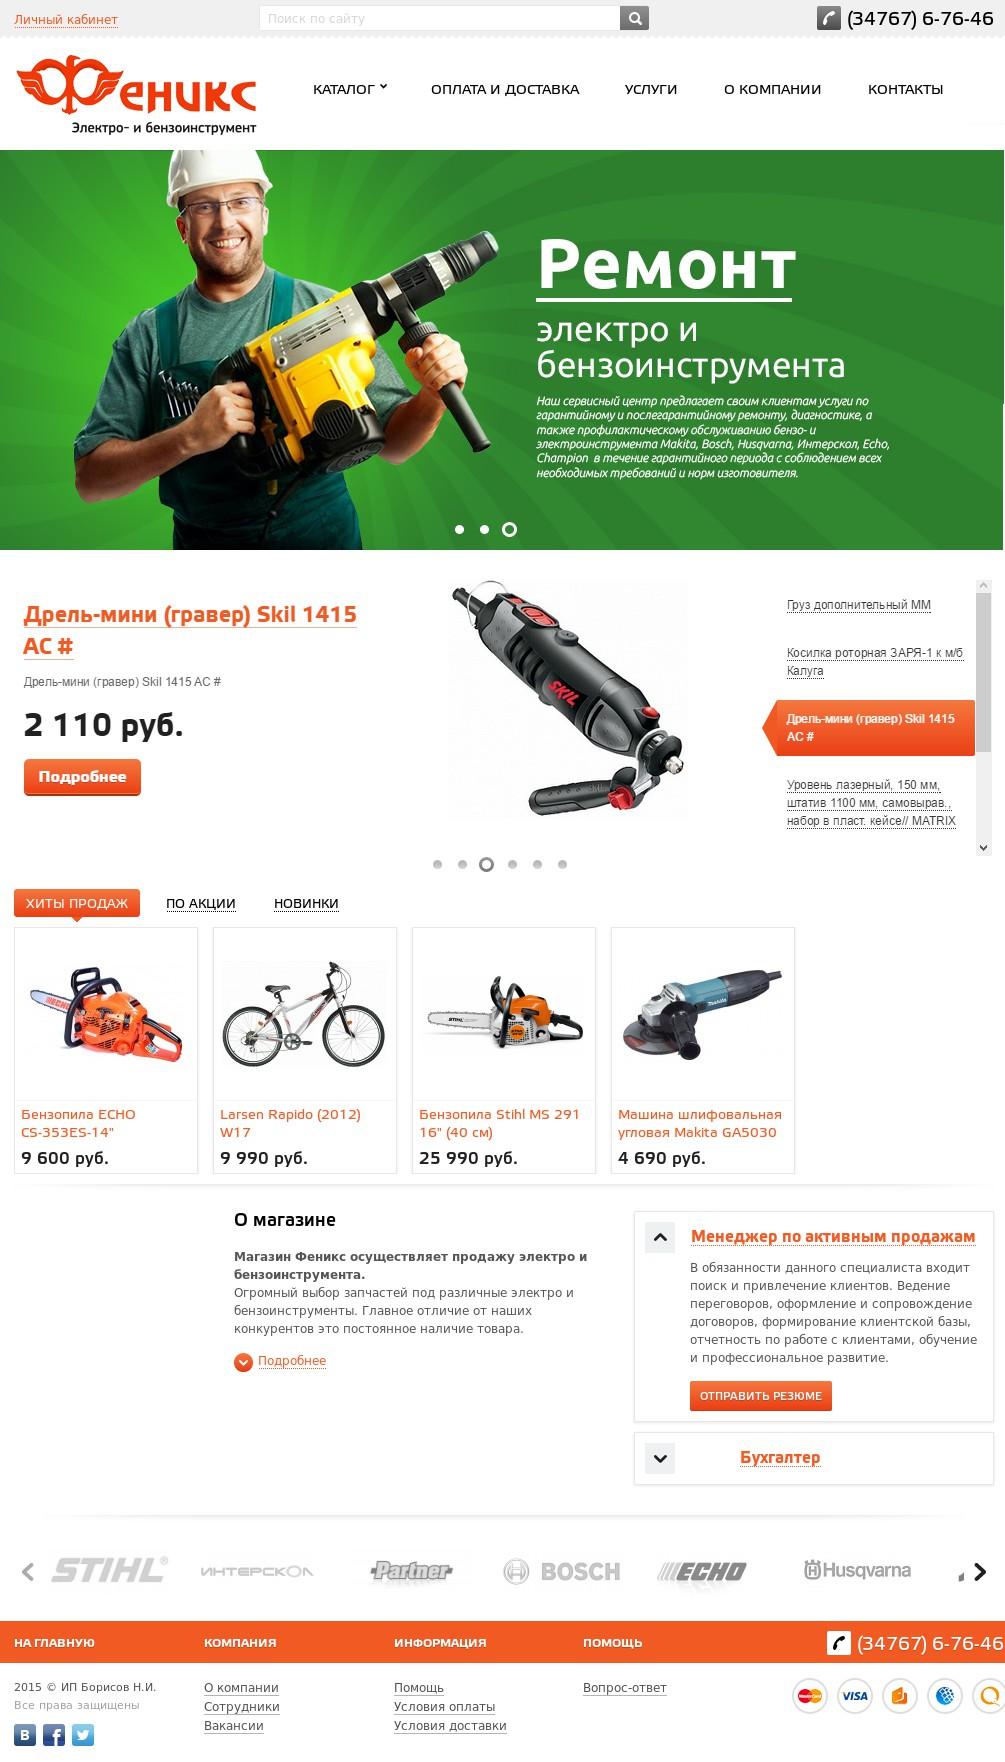 Сайт по продаже электро и бензо инструмента.